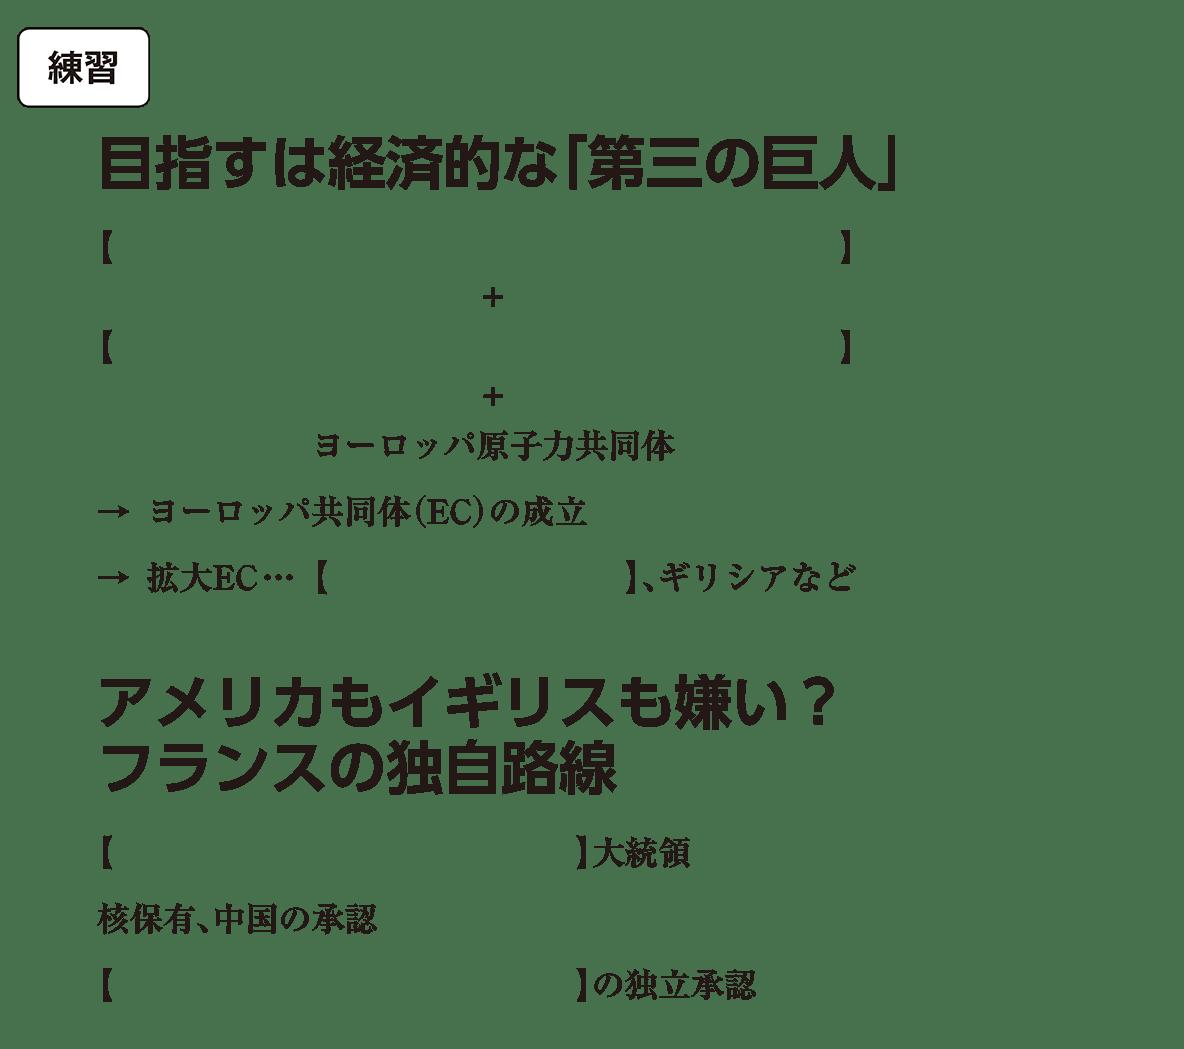 冷戦の激化と西欧・日本の経済復興3 練習 括弧空欄